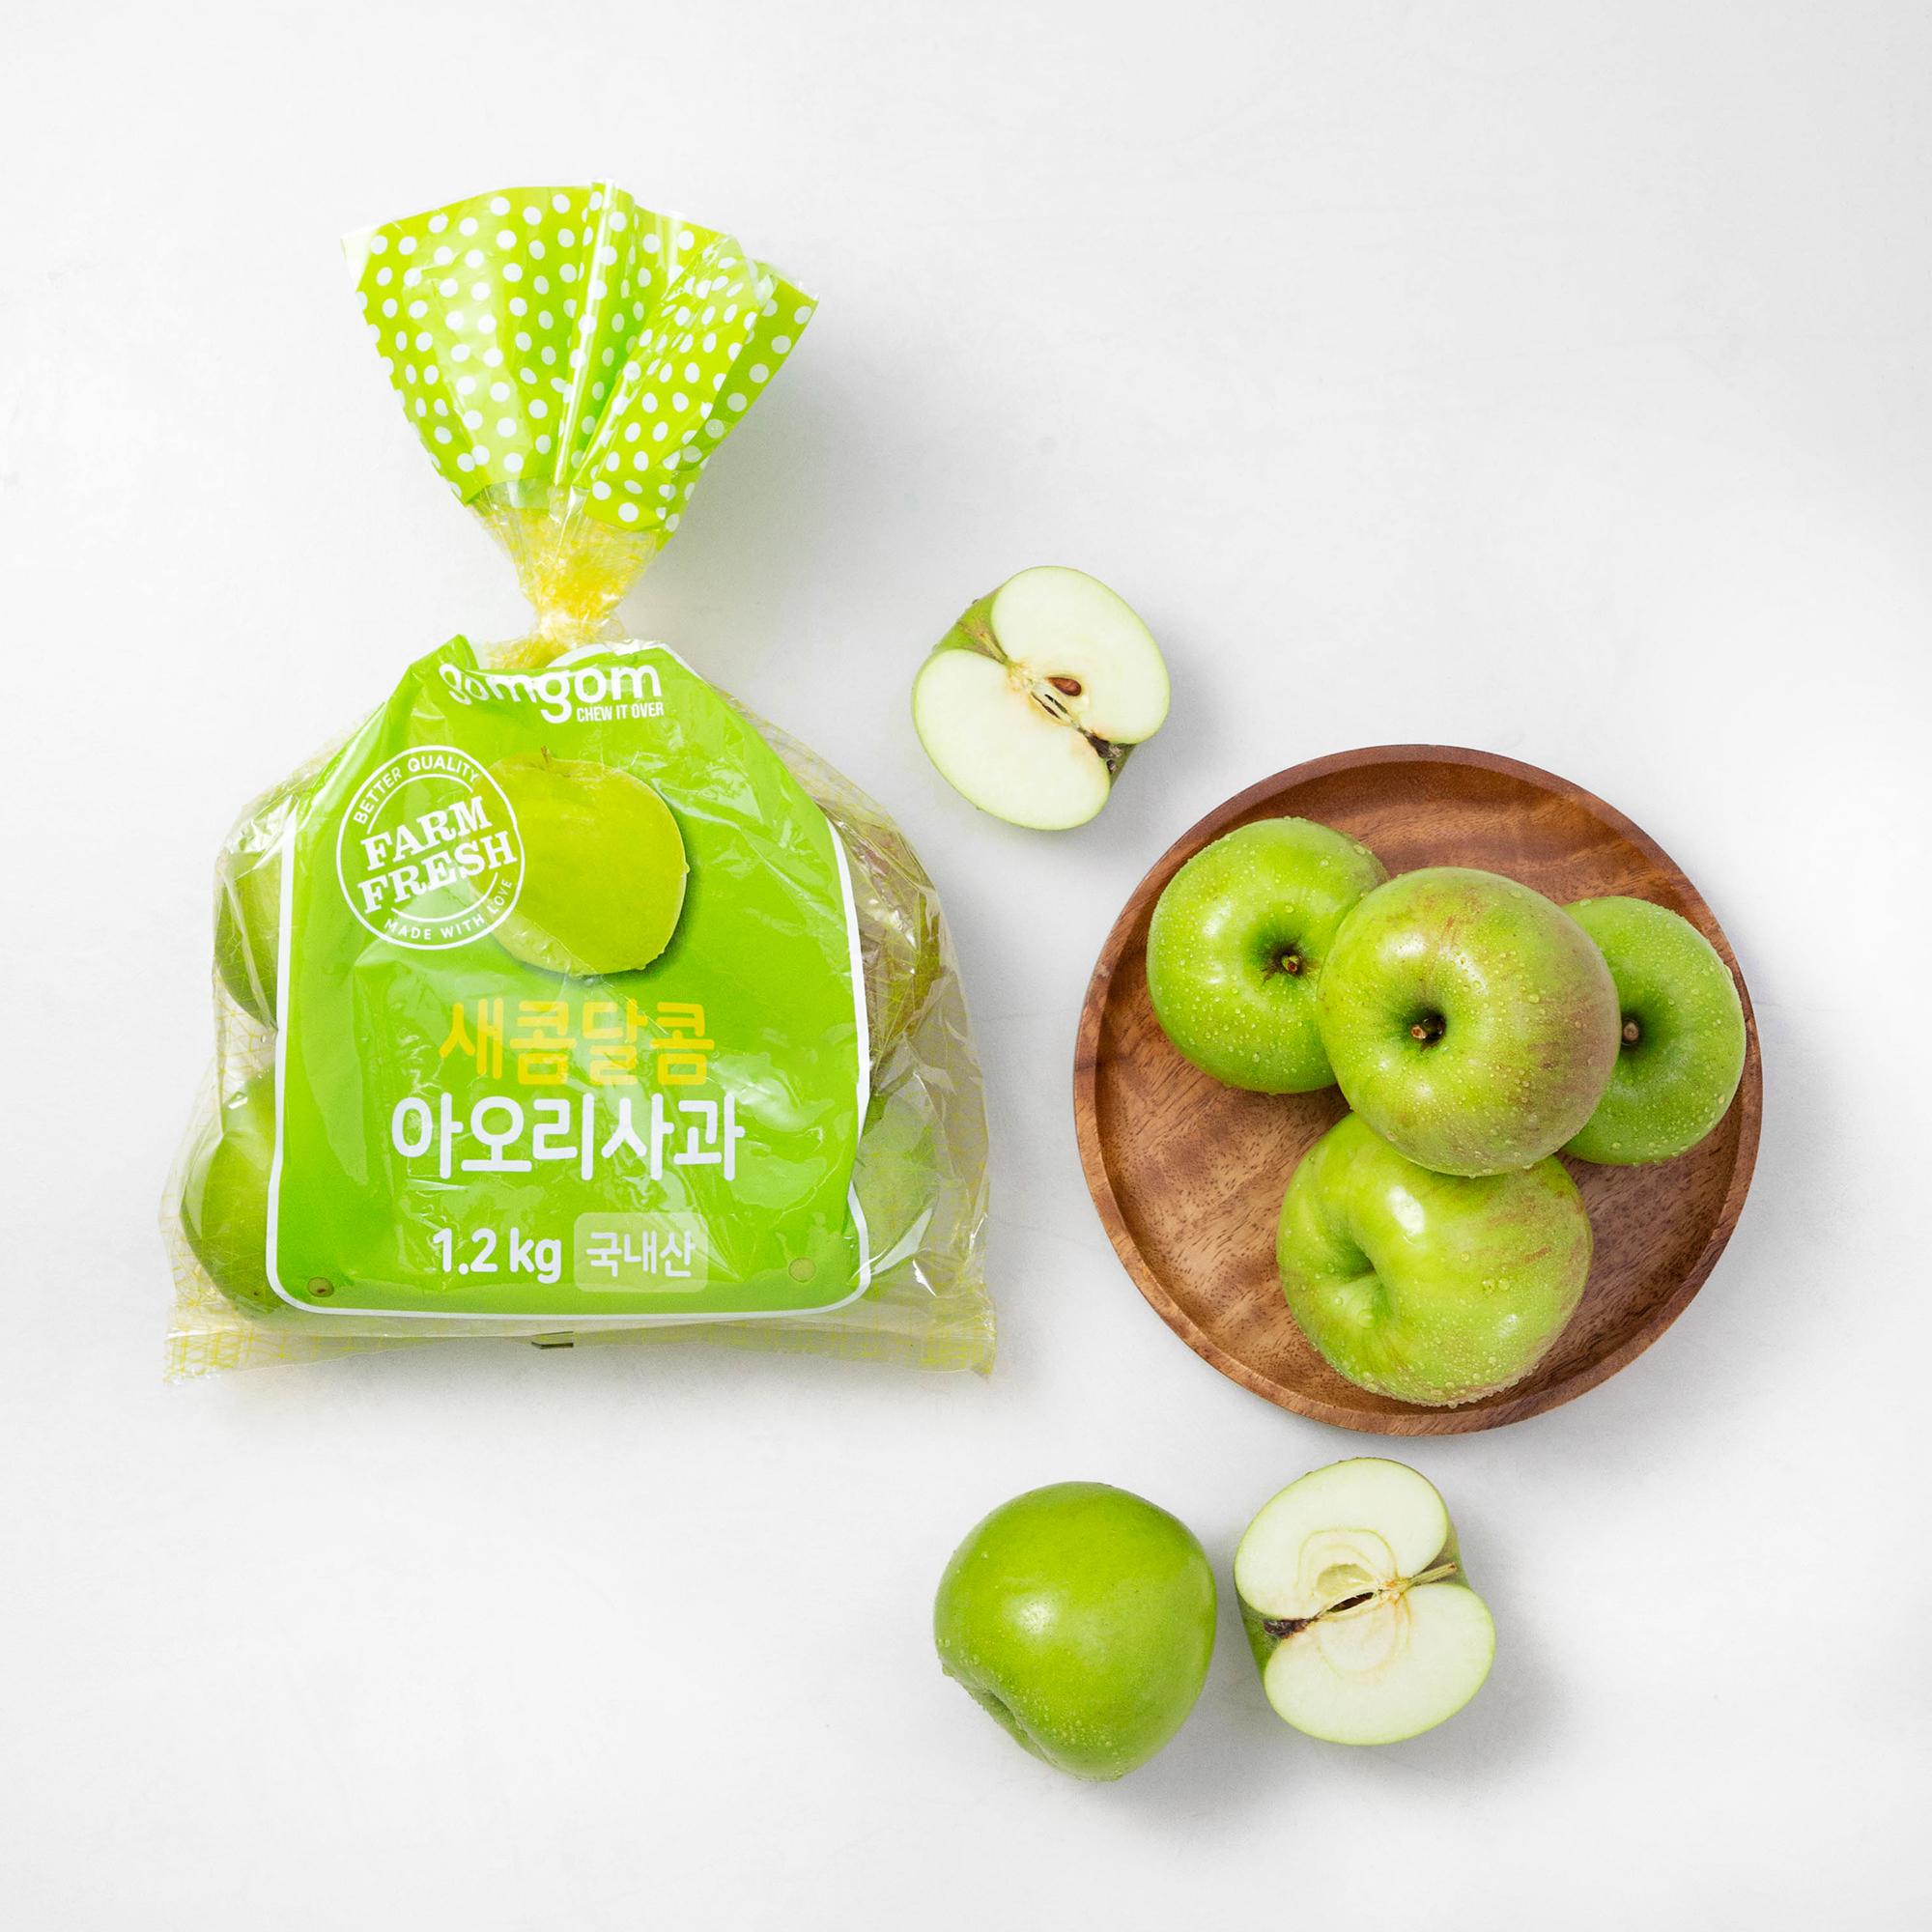 곰곰 새콤달콤 아오리 사과, 1.2kg, 1봉